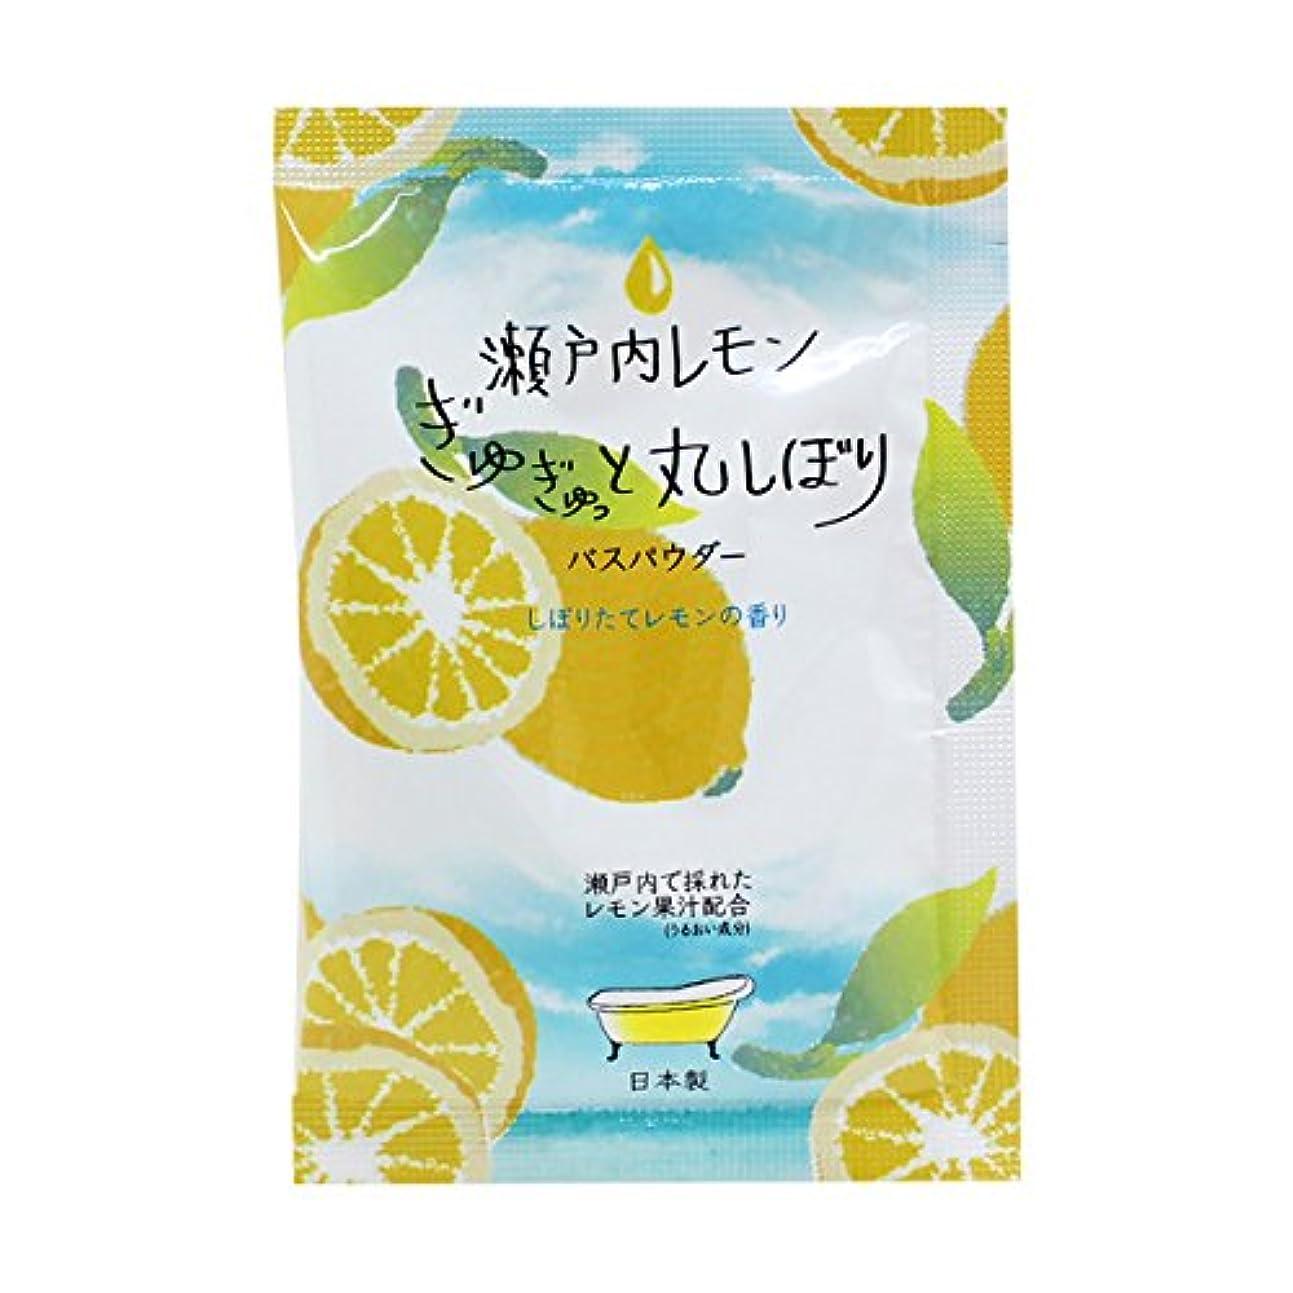 接地生きている苛性ハーバルエクストラ リッチバスパウダー 「瀬戸内レモンの香り」30個